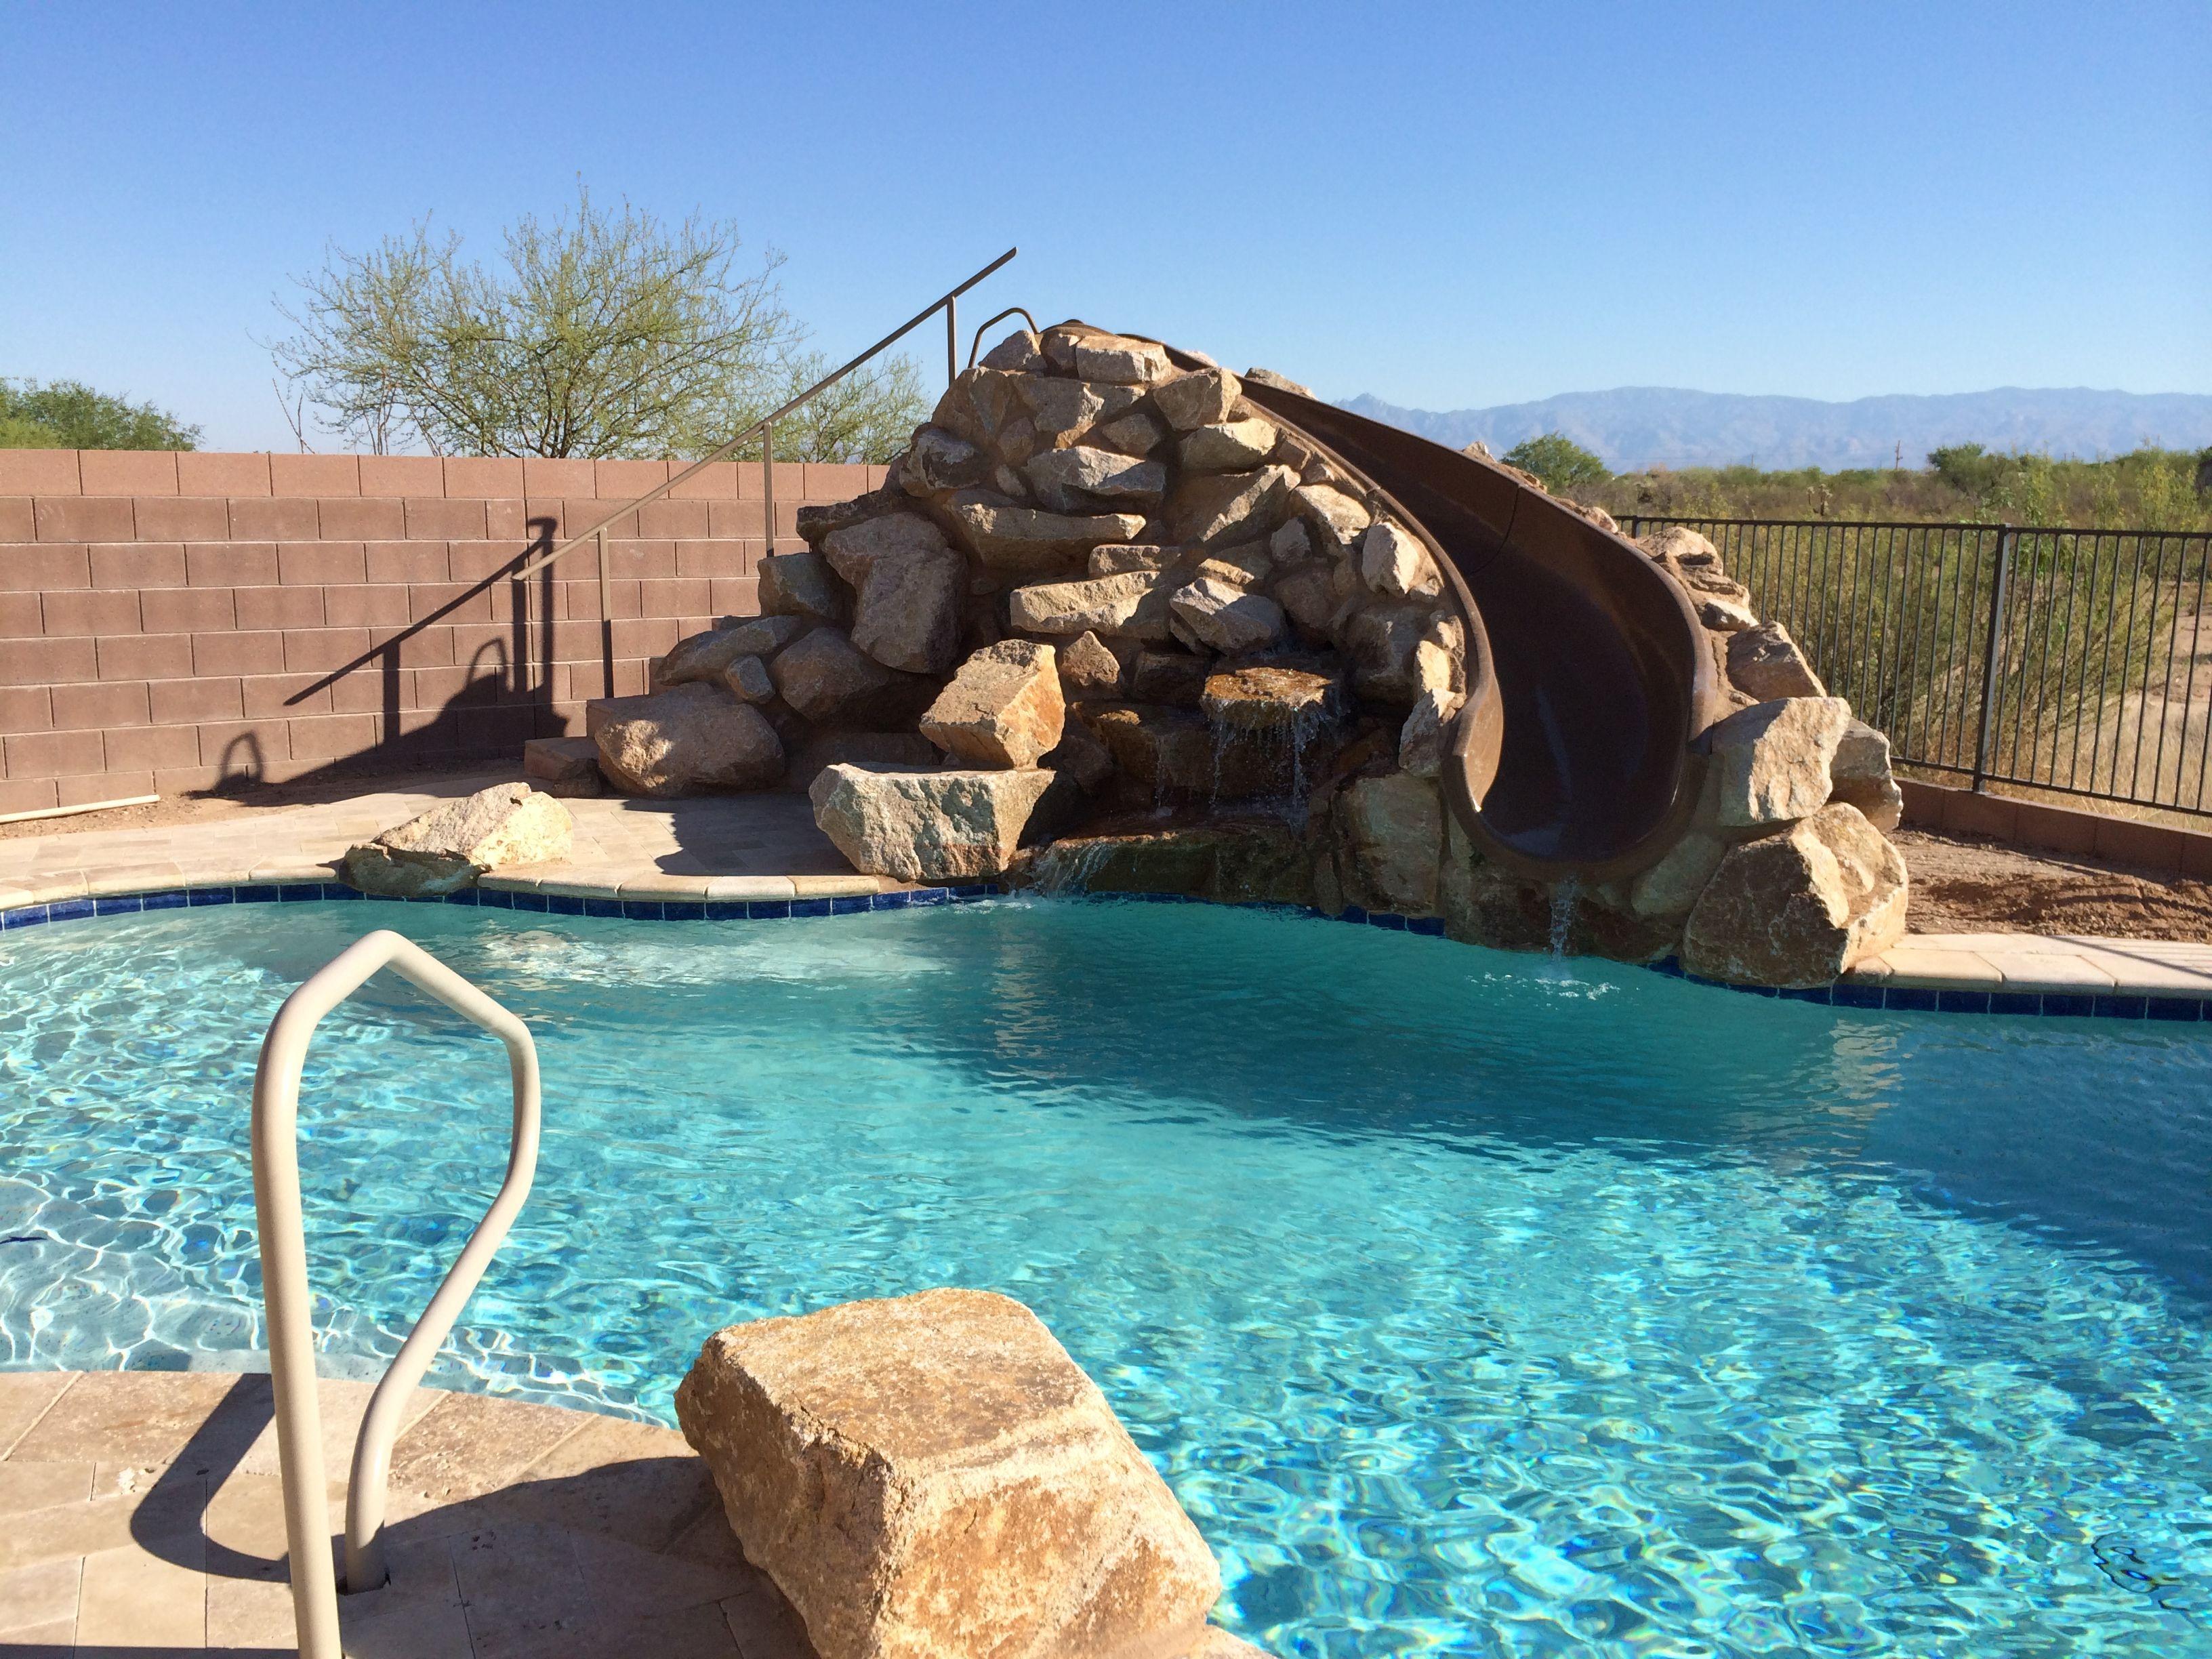 Swimming Pool Slide Rock Pool Slide Pool Slides G Force Slide By Interfab Inc Oasis Pool Pool Patio Backyard Oasis